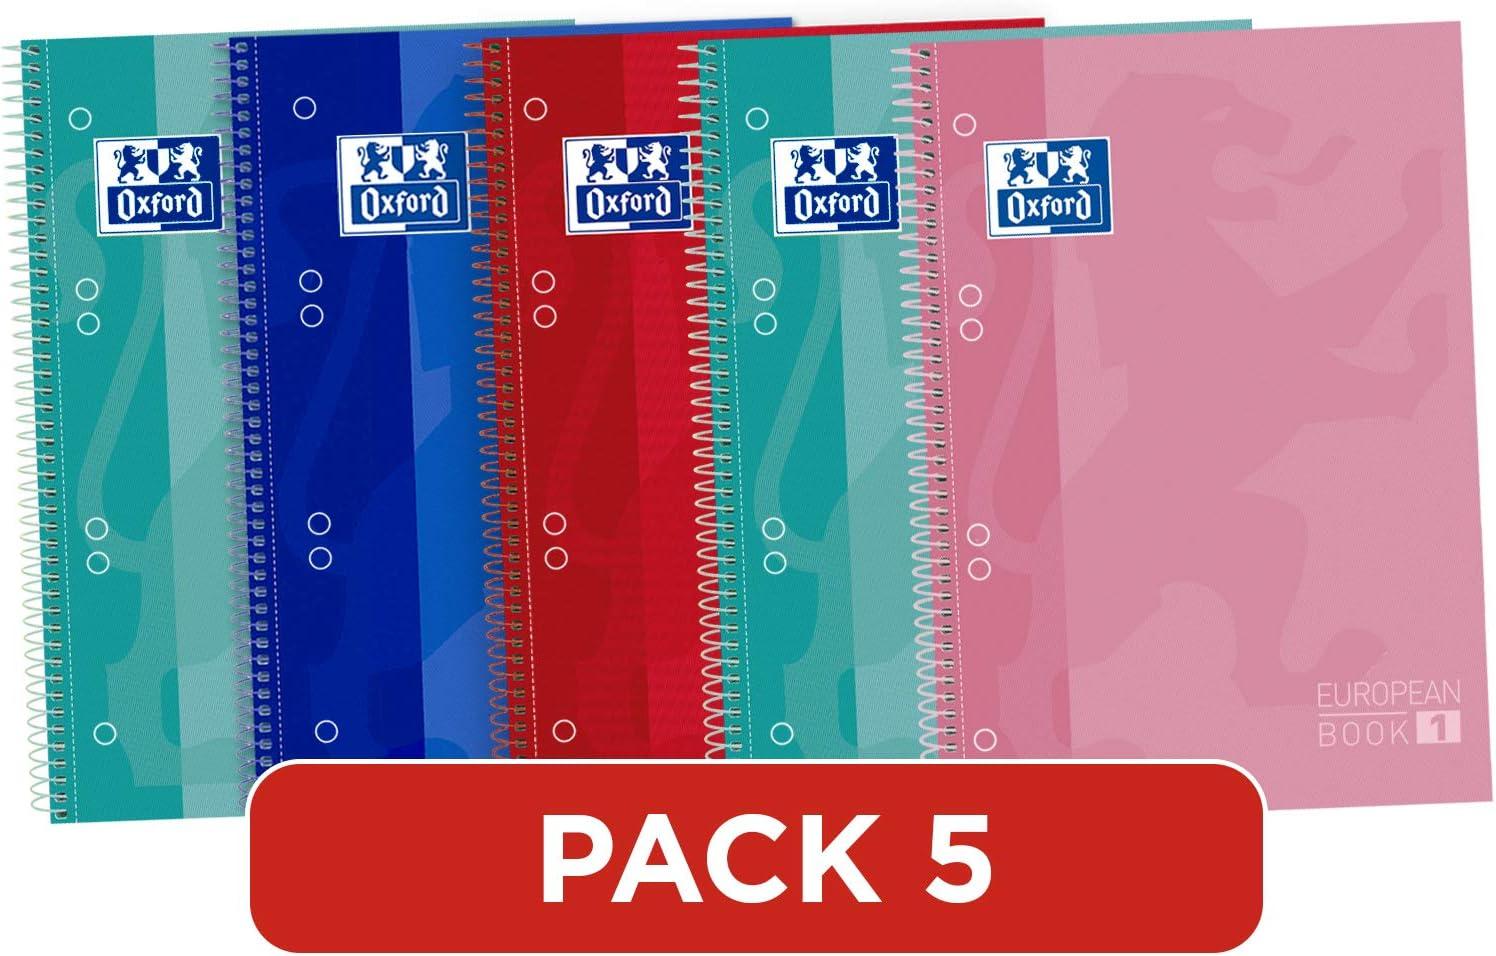 Oxford 400053289 Classic - Cuadernos Espiral, spiral microperforado de tapa extradura, 80 hojas, colores surtidos, tamaño A5 - paquete de 5: Amazon.es: Oficina y papelería